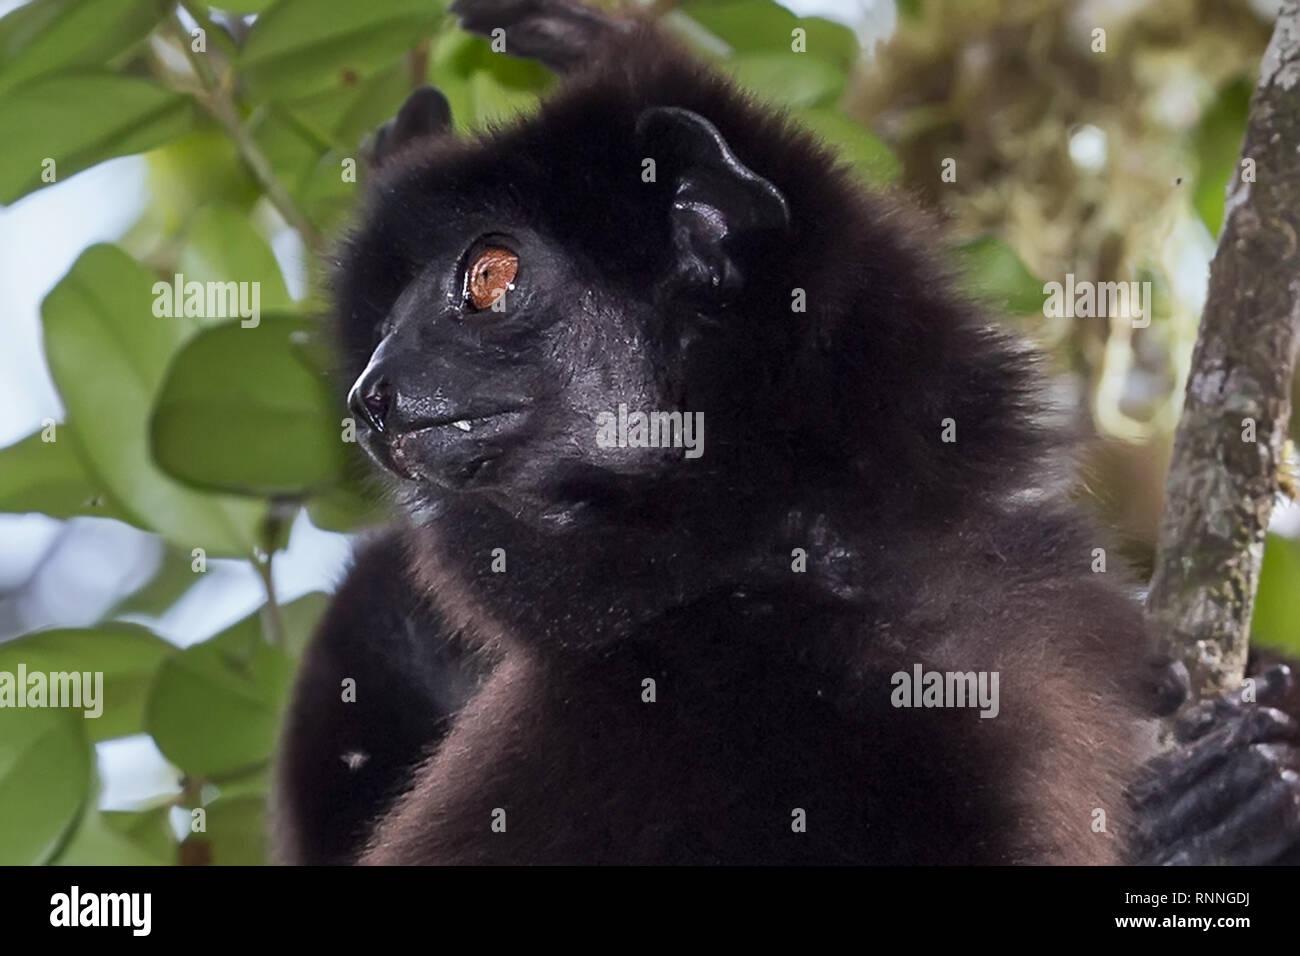 Milne-Edward's Sifika,  lemur, Propithecus edwardsi, Ranomafana National Park, Madagascar - Stock Image